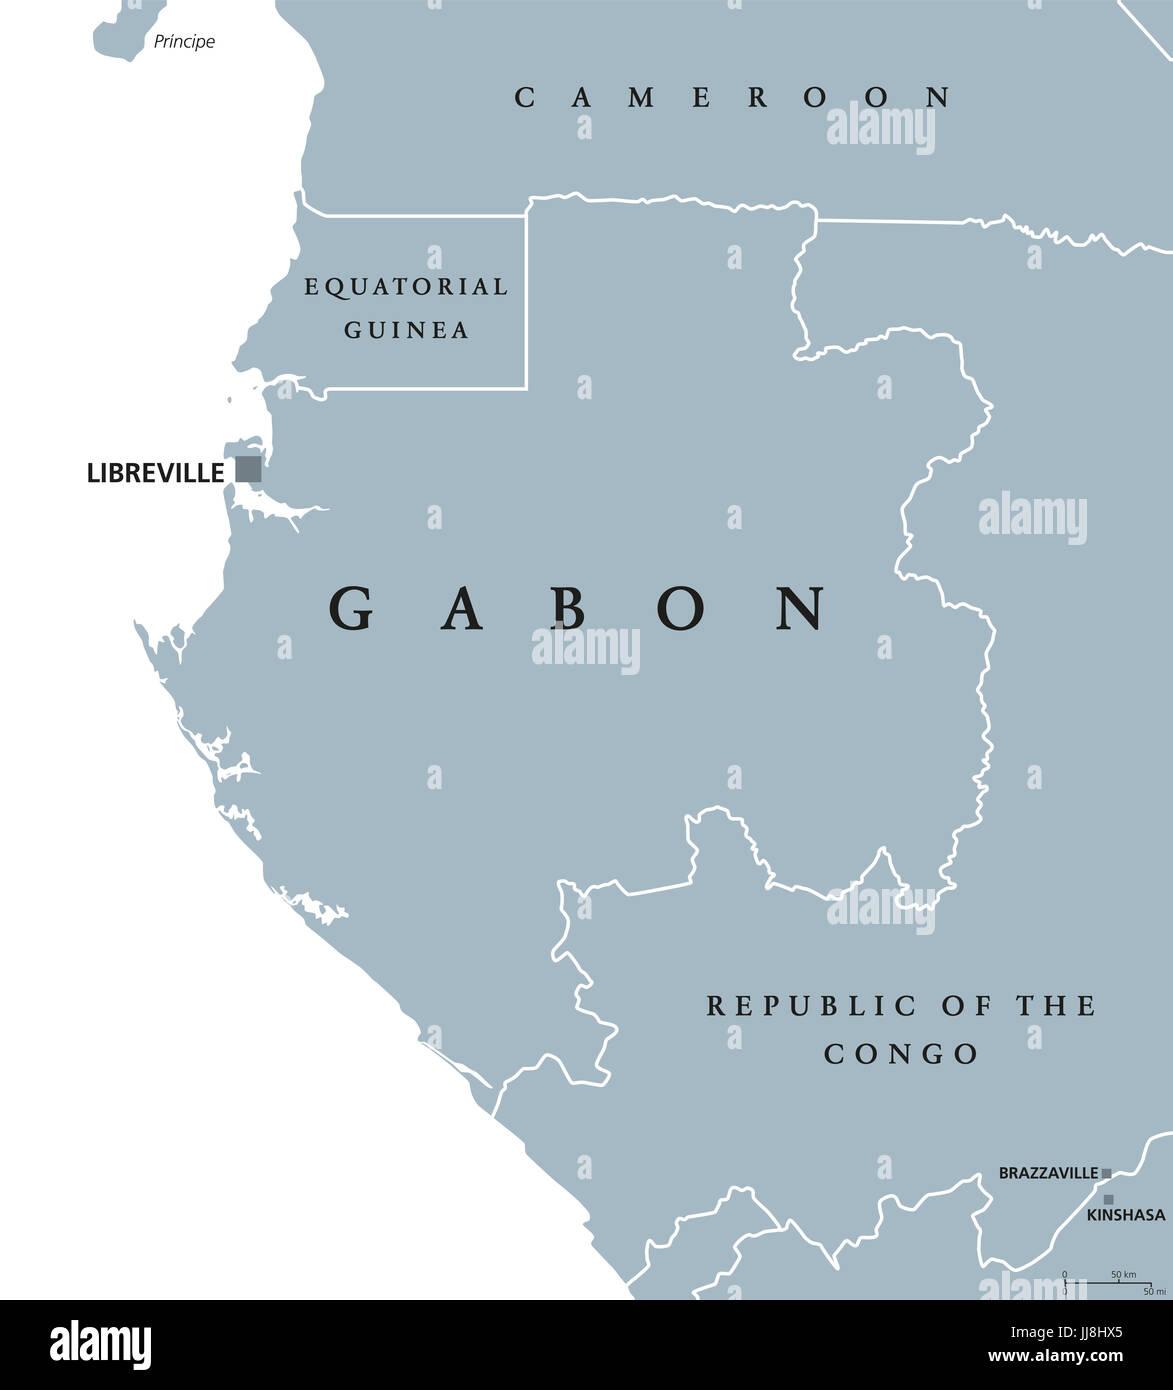 Gabon political map with capital Libreville Gabonese Republic a